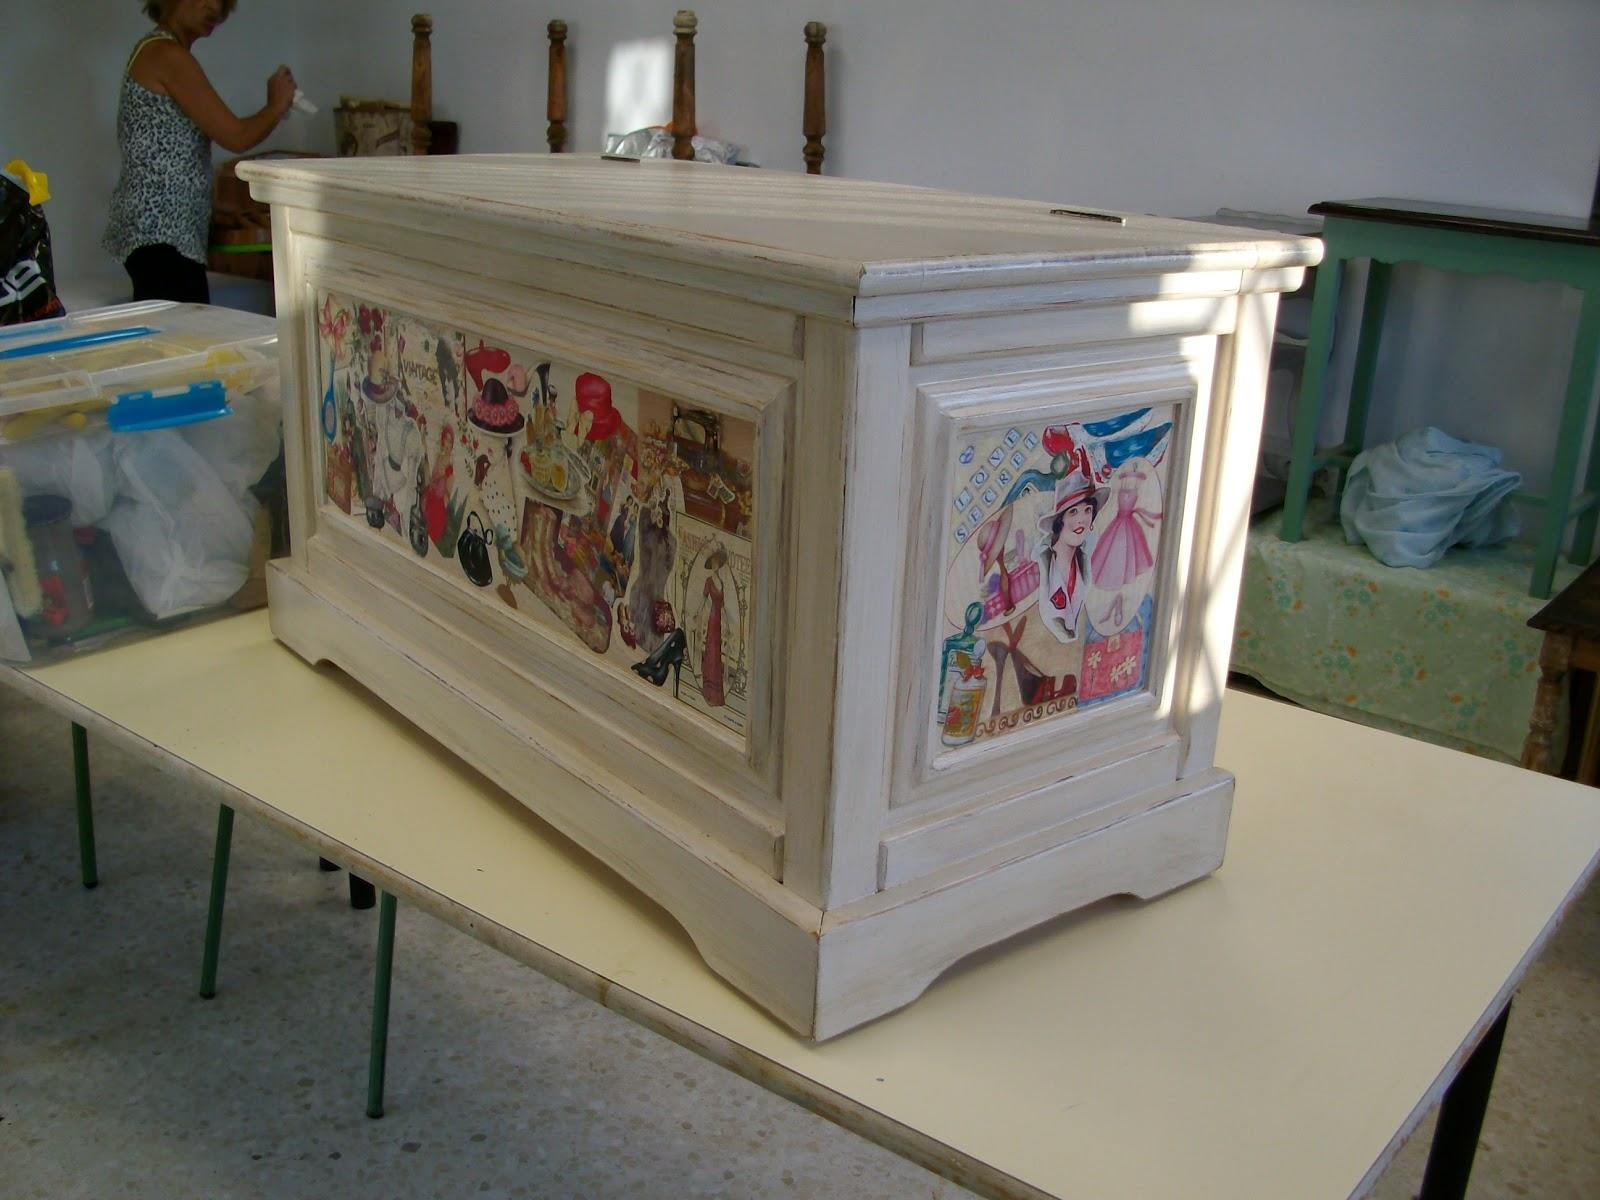 El rincon de angela como reciclar un mueble de madera con - Lacar un mueble de madera ...